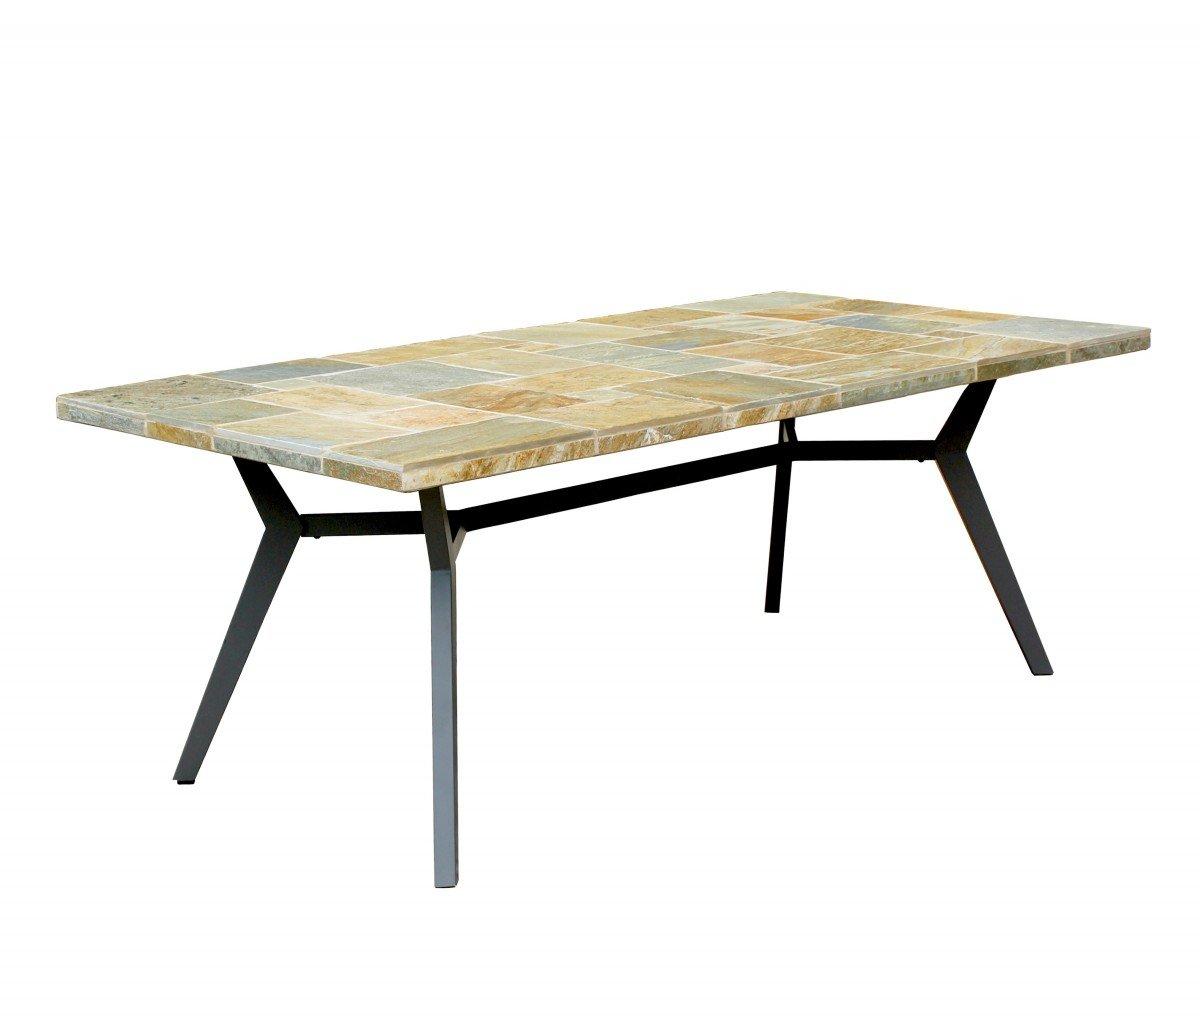 Dreams4Home Dinning Tisch 'Arun' - Tisch, Gartentisch, Stahltisch, Tisch mit Naturschieferplatte, mit Naturschiefer , B/H/T: 200 x 73 x 100 cm, Kaffeetisch, Stahlgestell, in anthrazit